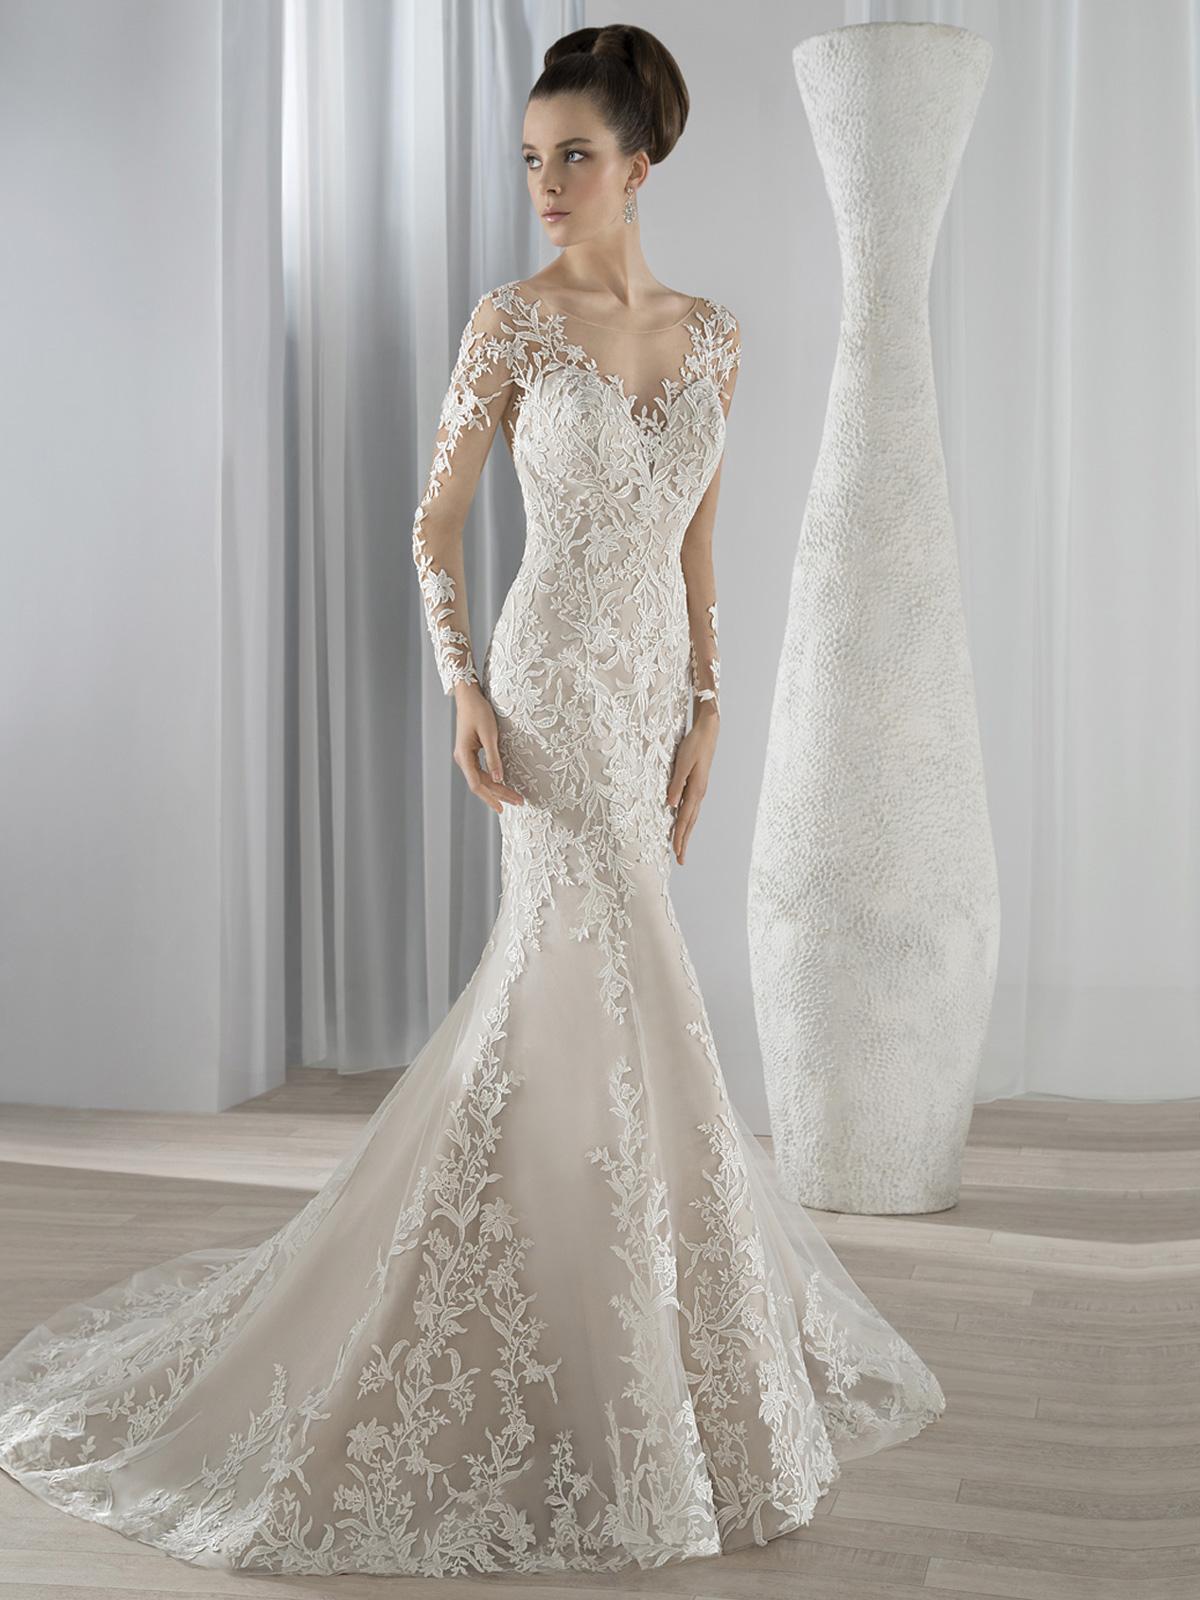 Vestido de Noiva com decote ilusion etransparência no colo, costas emangas, impecável corte sereia e aplicações de renda guipure no corpo saia e cauda.